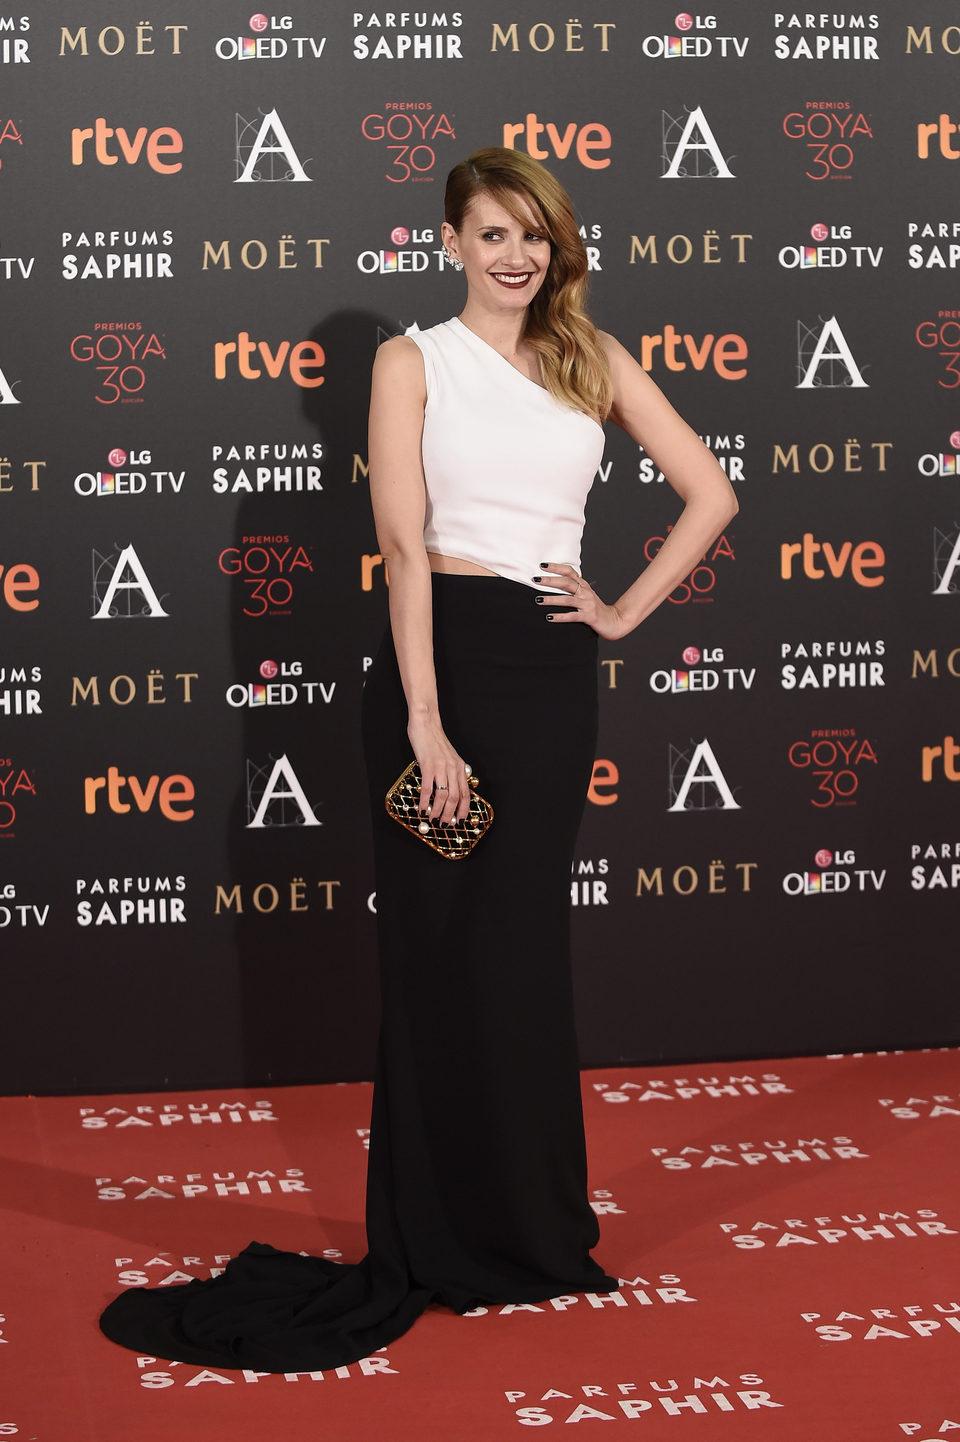 Elena Ballesteros en la alfombra roja de los Premios Goya 2016